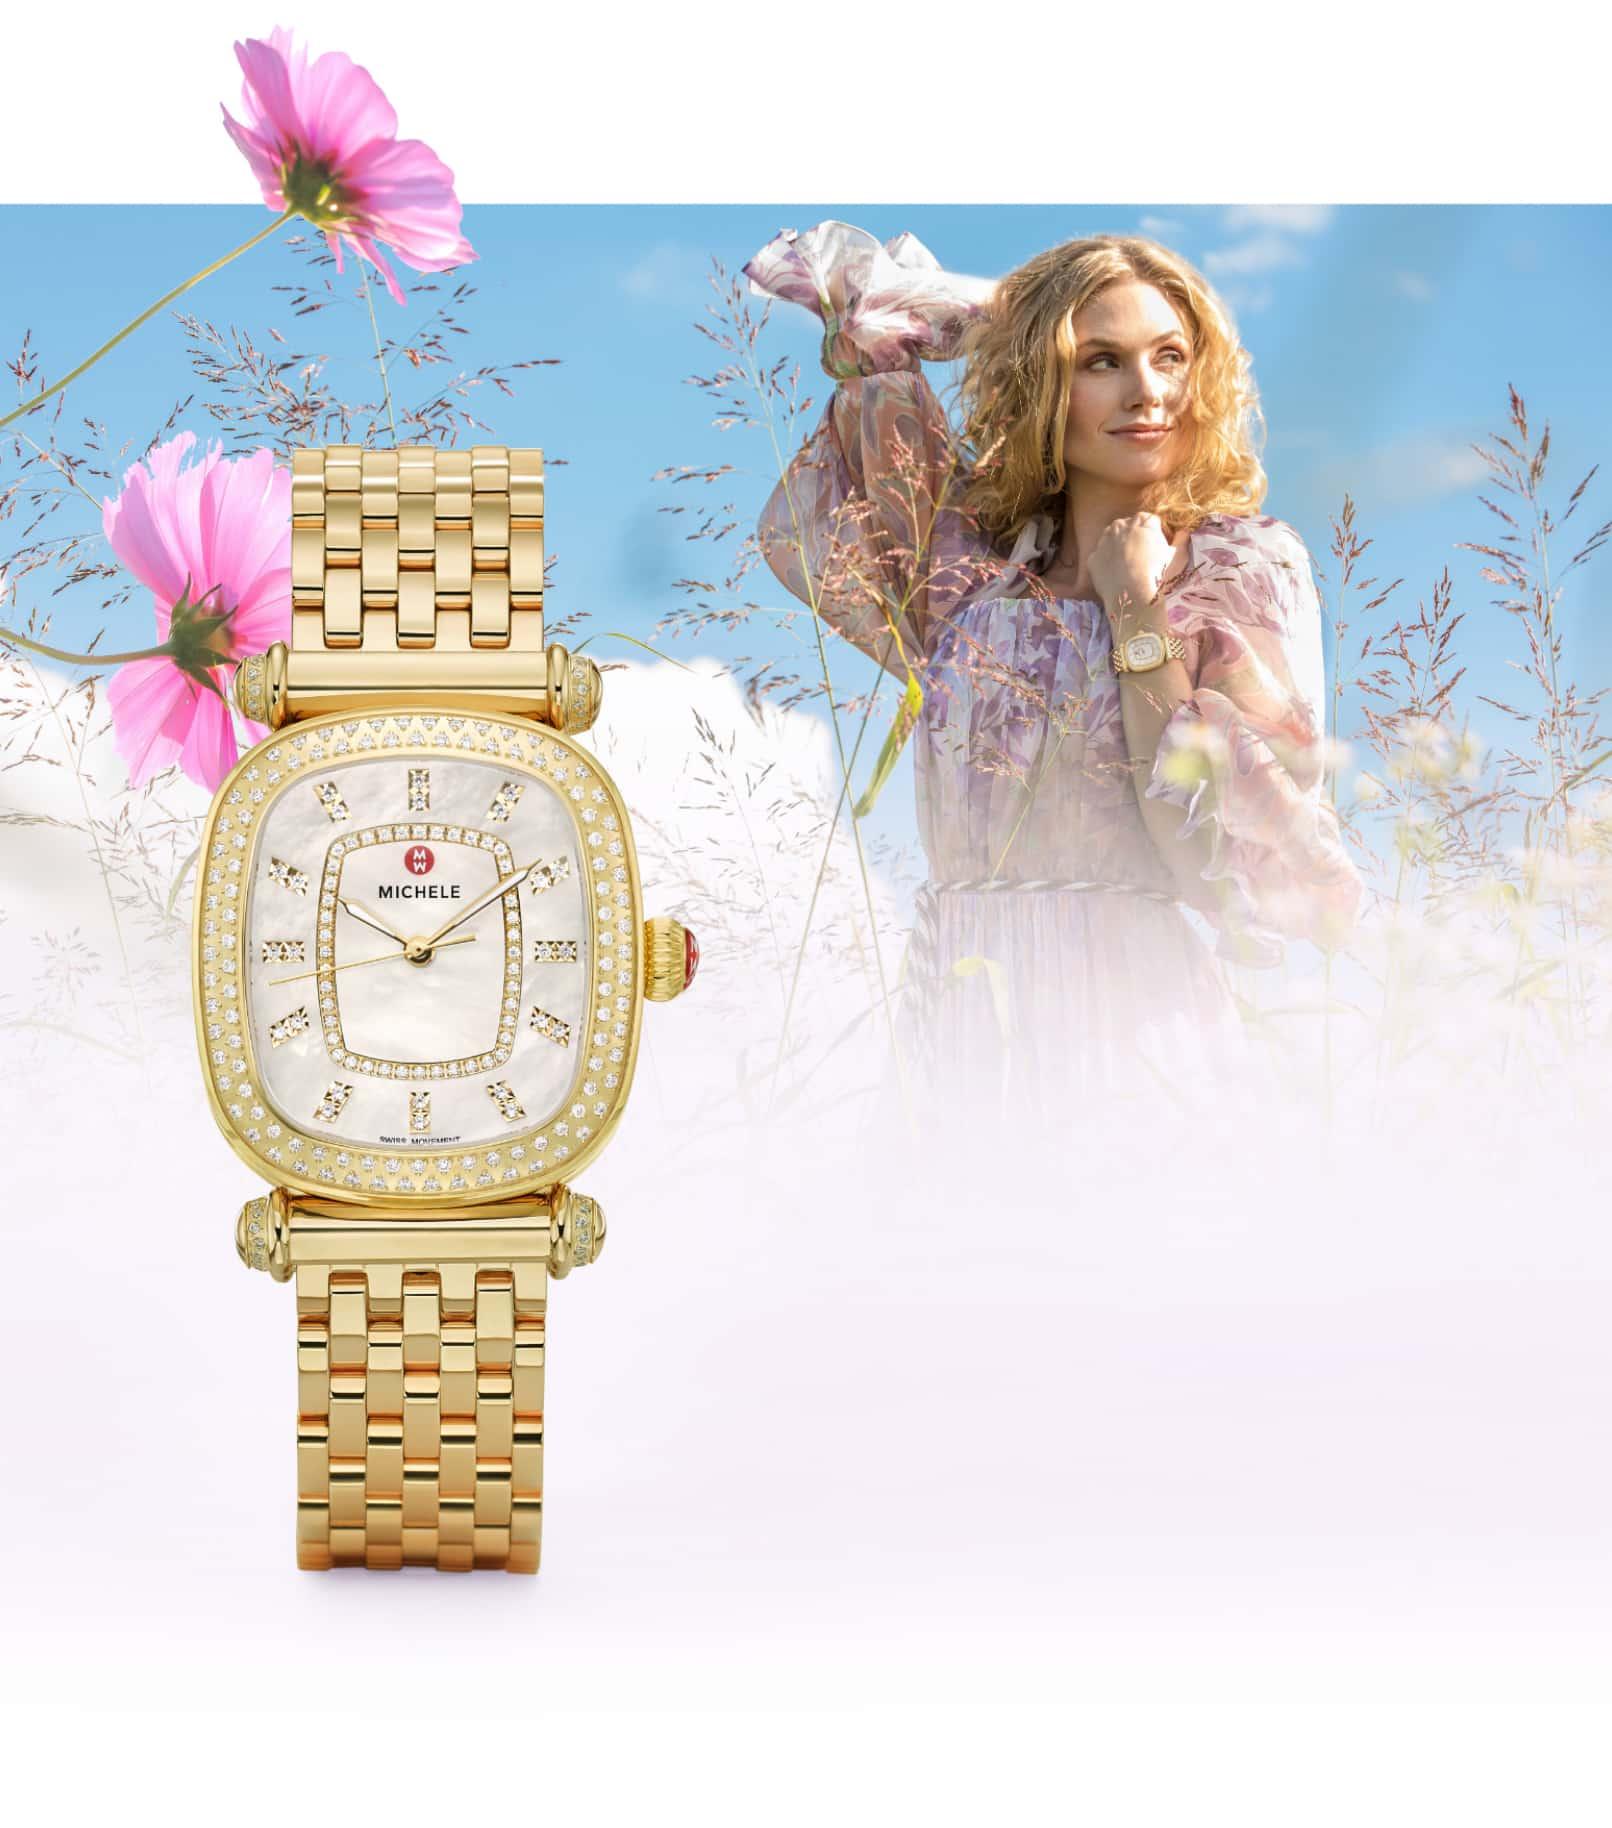 Stylish woman in field of flowers wearing 18K gold Caber Isle watch.